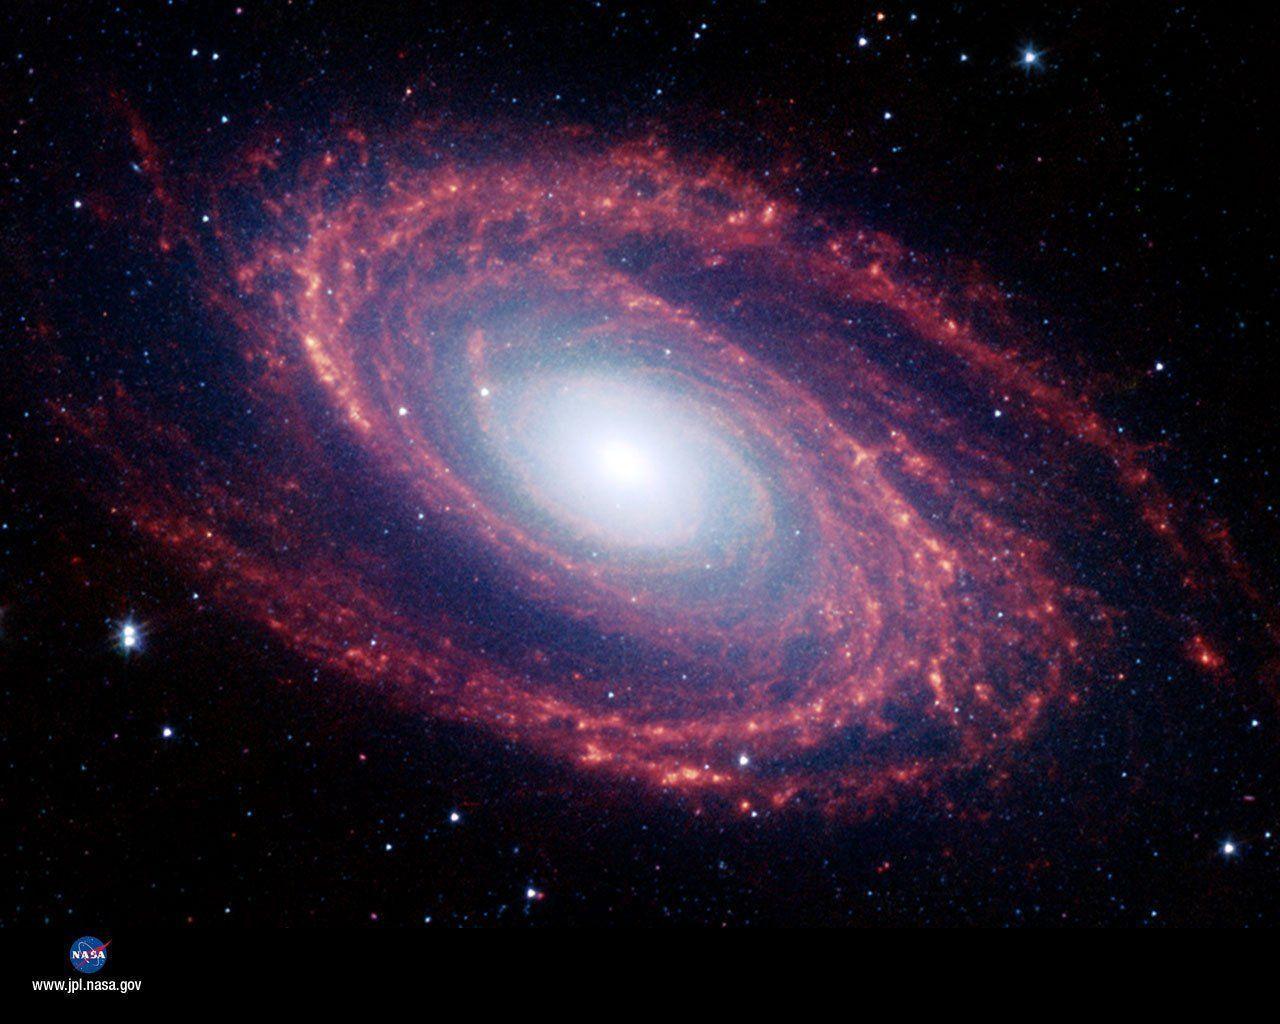 1280x1024 Stars Galaxies pia04936 Hình nền - Hình nền HD 48865. vũ trụ